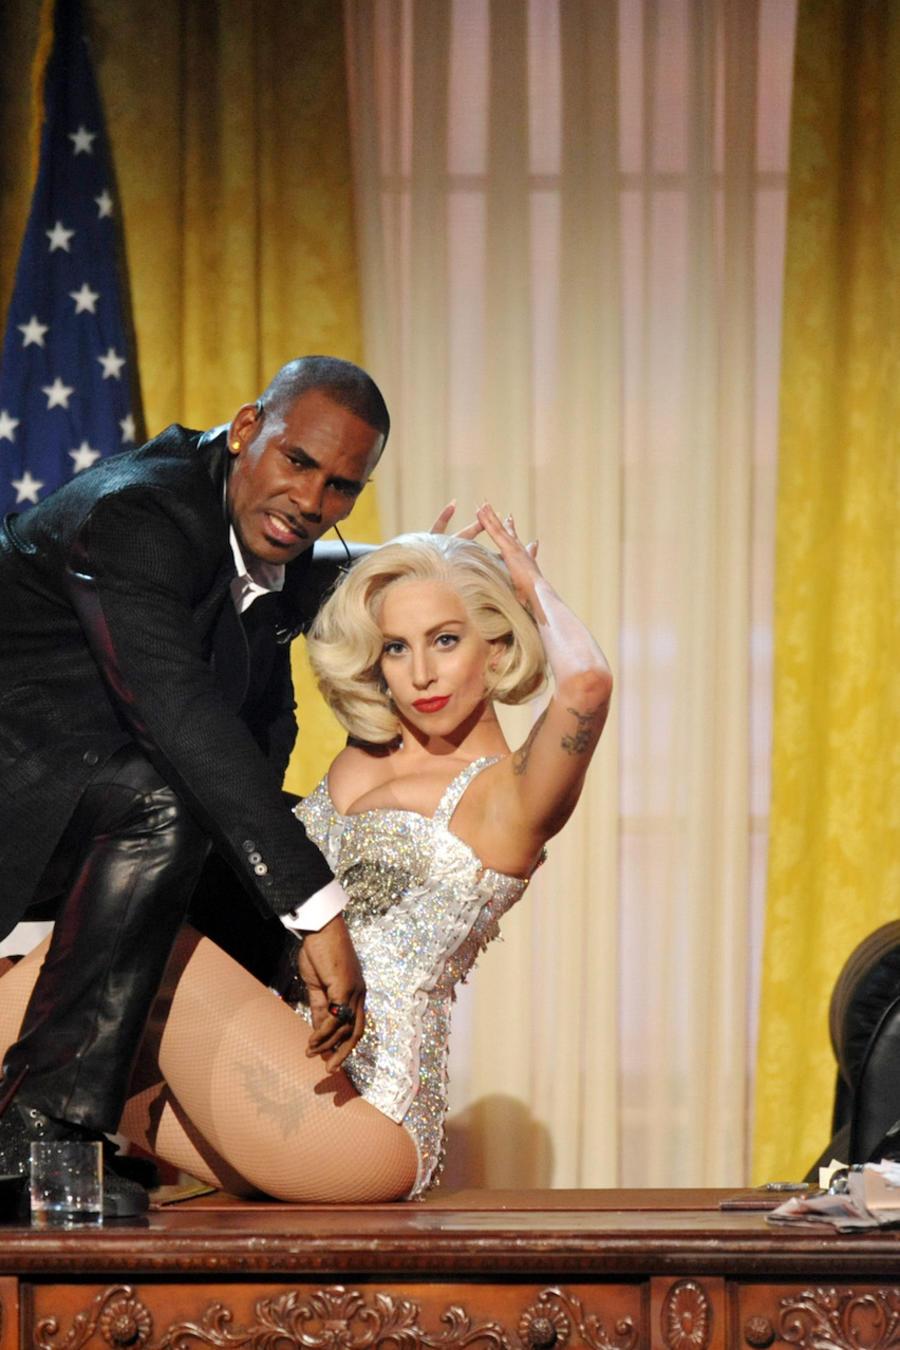 R. Kelly y Lady Gaga durante una actuación en Los Ángeles en noviembre de 2013.